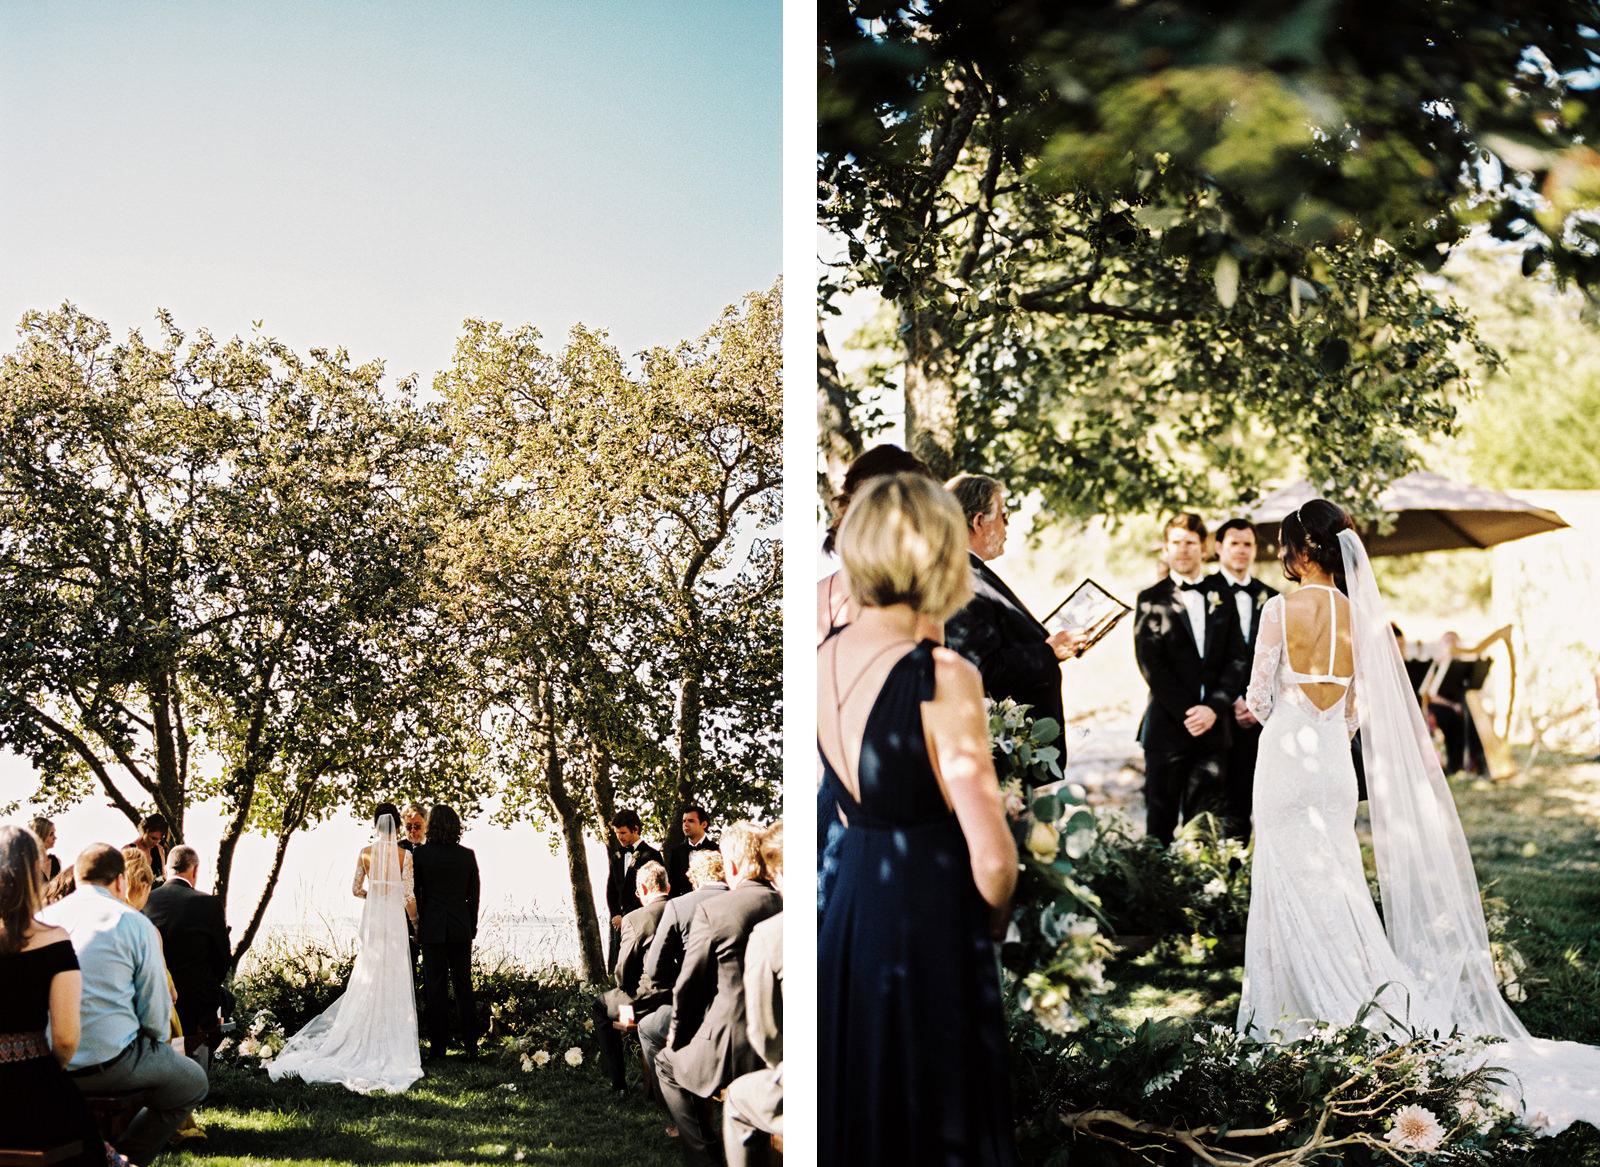 kaityjeff-blog-061 ORCAS ISLAND WEDDING